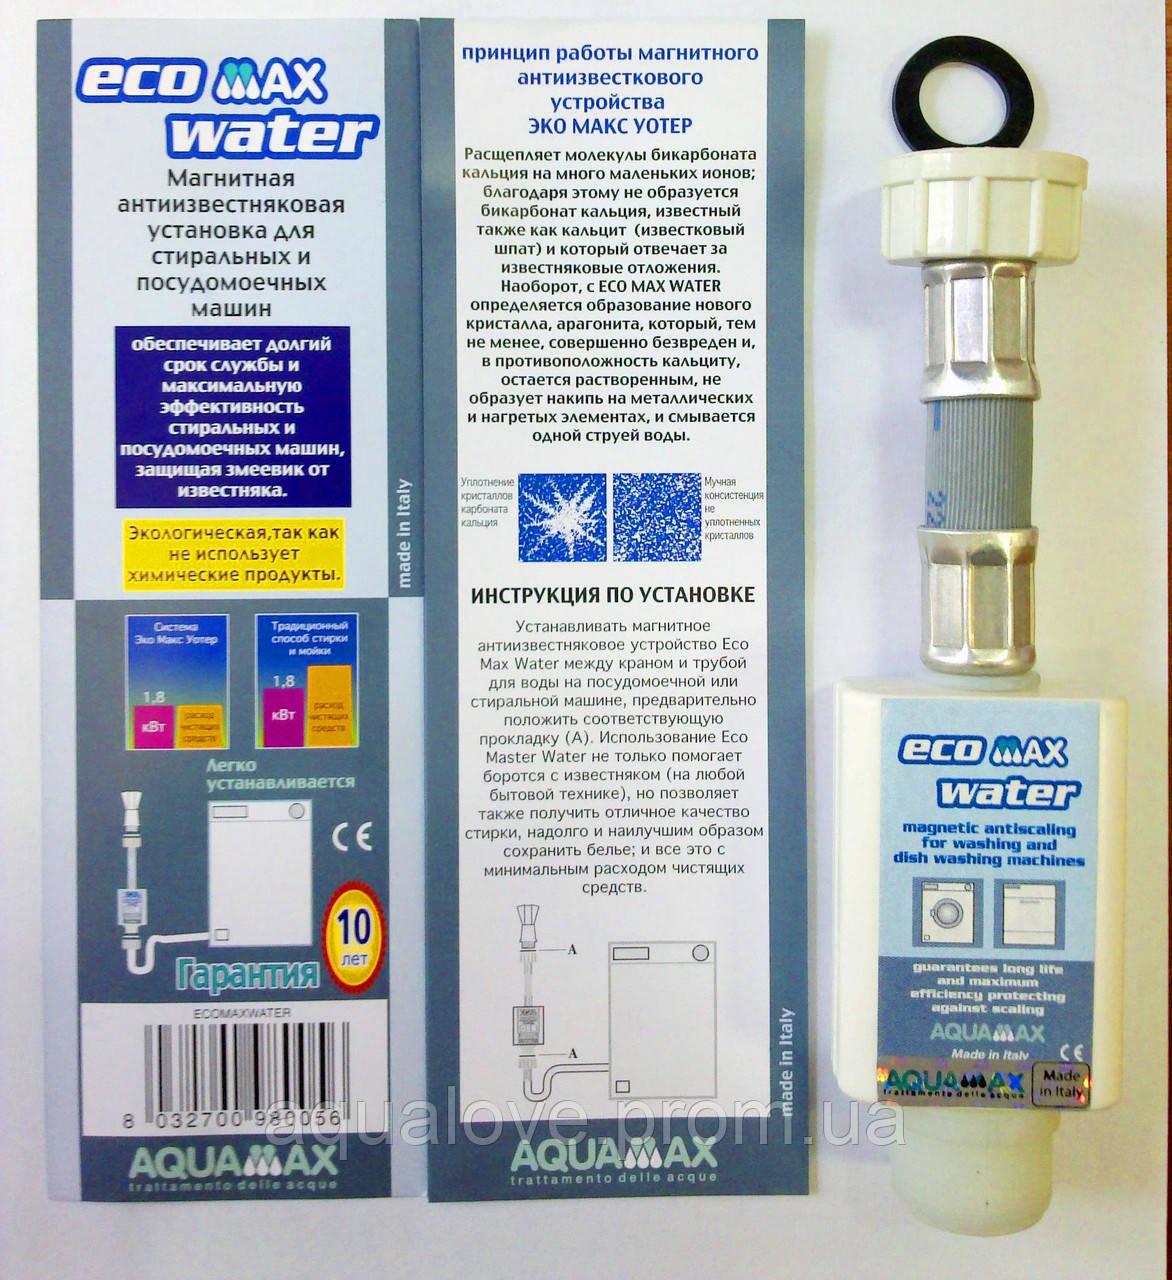 """Магнитный смягчитель воды, проточного типа, для стиральных и посудомоечных машин, XCAL ECOMAXWATER  - Интернет-магазин """"Aqualove"""" в Харькове"""